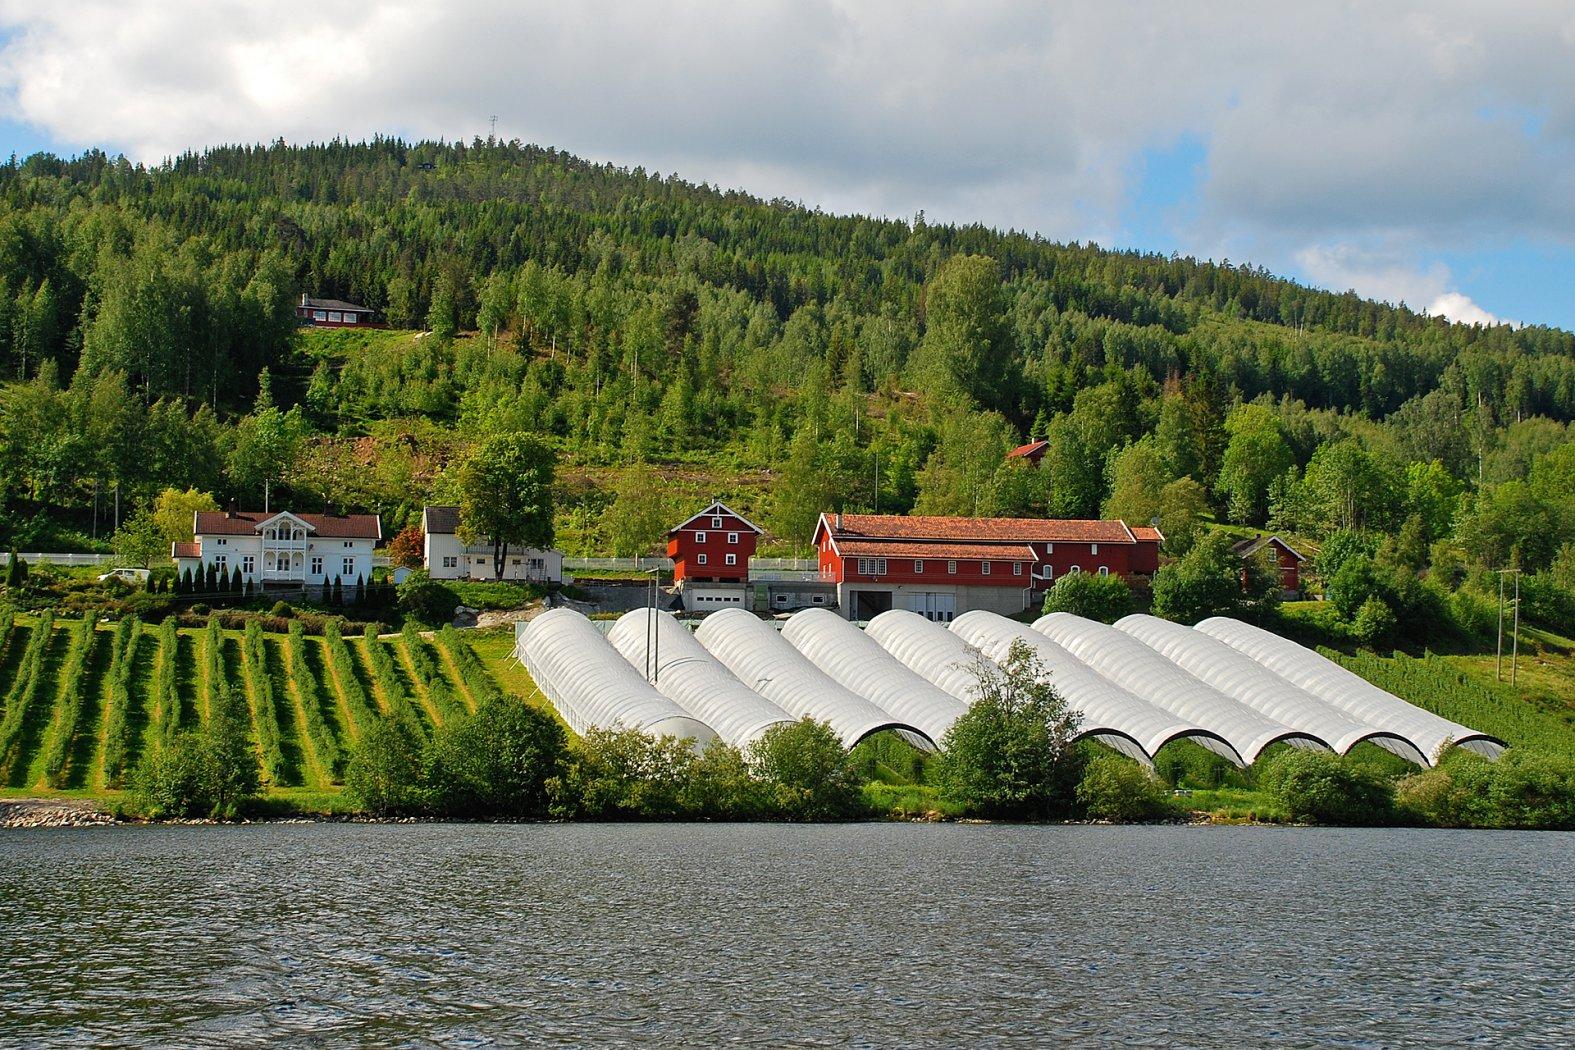 Unterkunft in Søndre Bjerkerud am Kröderfjord